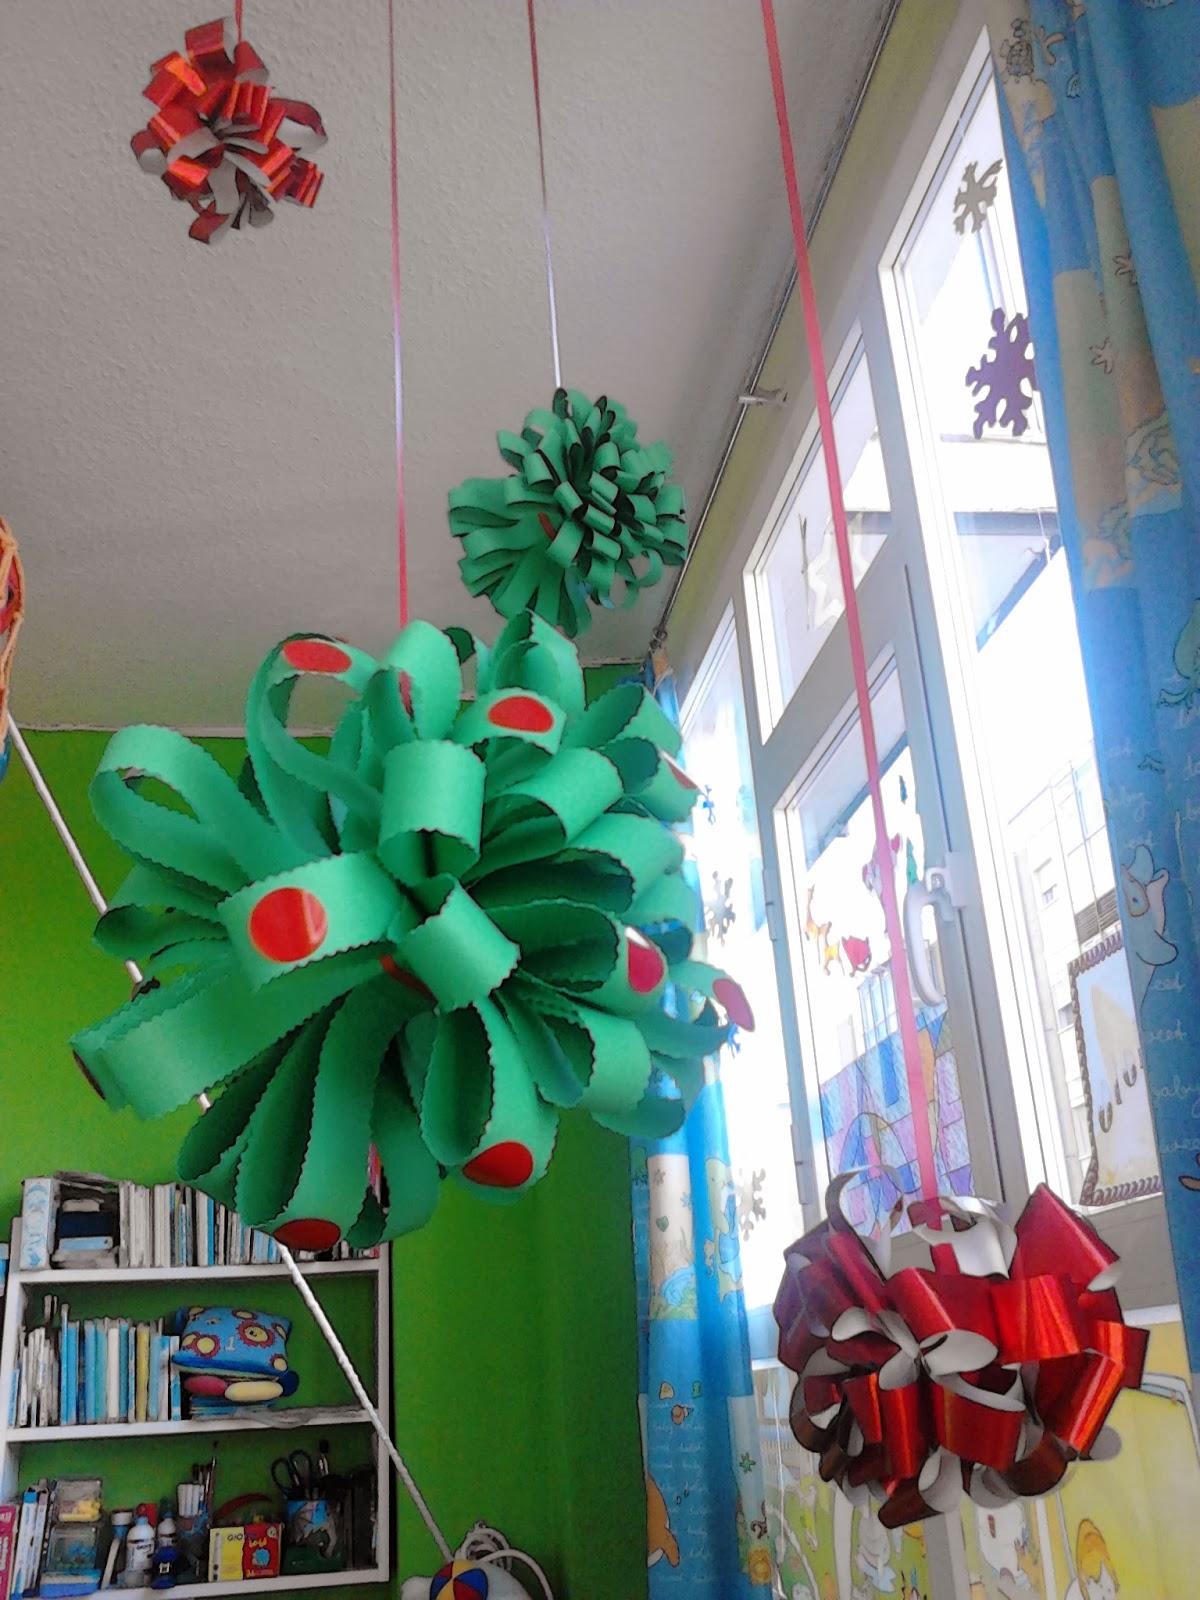 Escuela infantil pis pas decoraci n navide a - Decoracion navidena 2013 ...